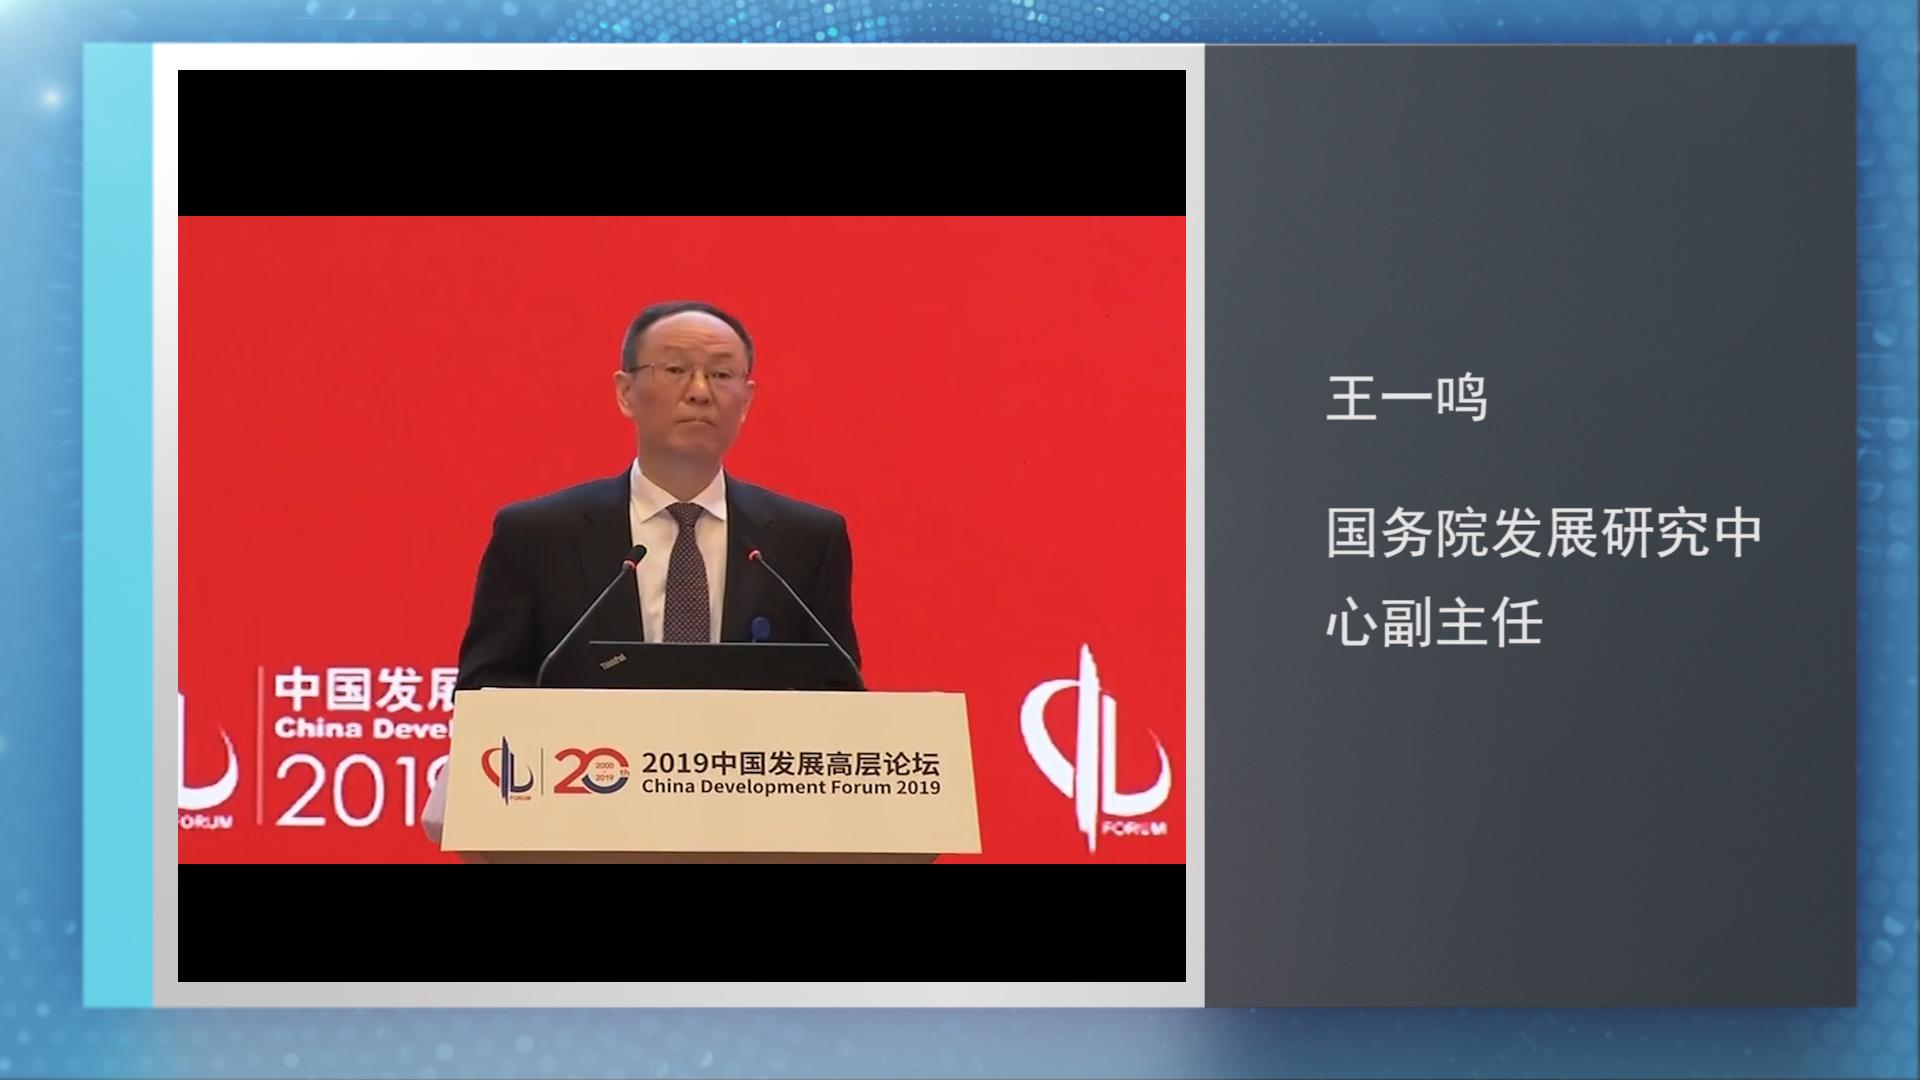 王一鸣:对未来经济产生影响的三因素